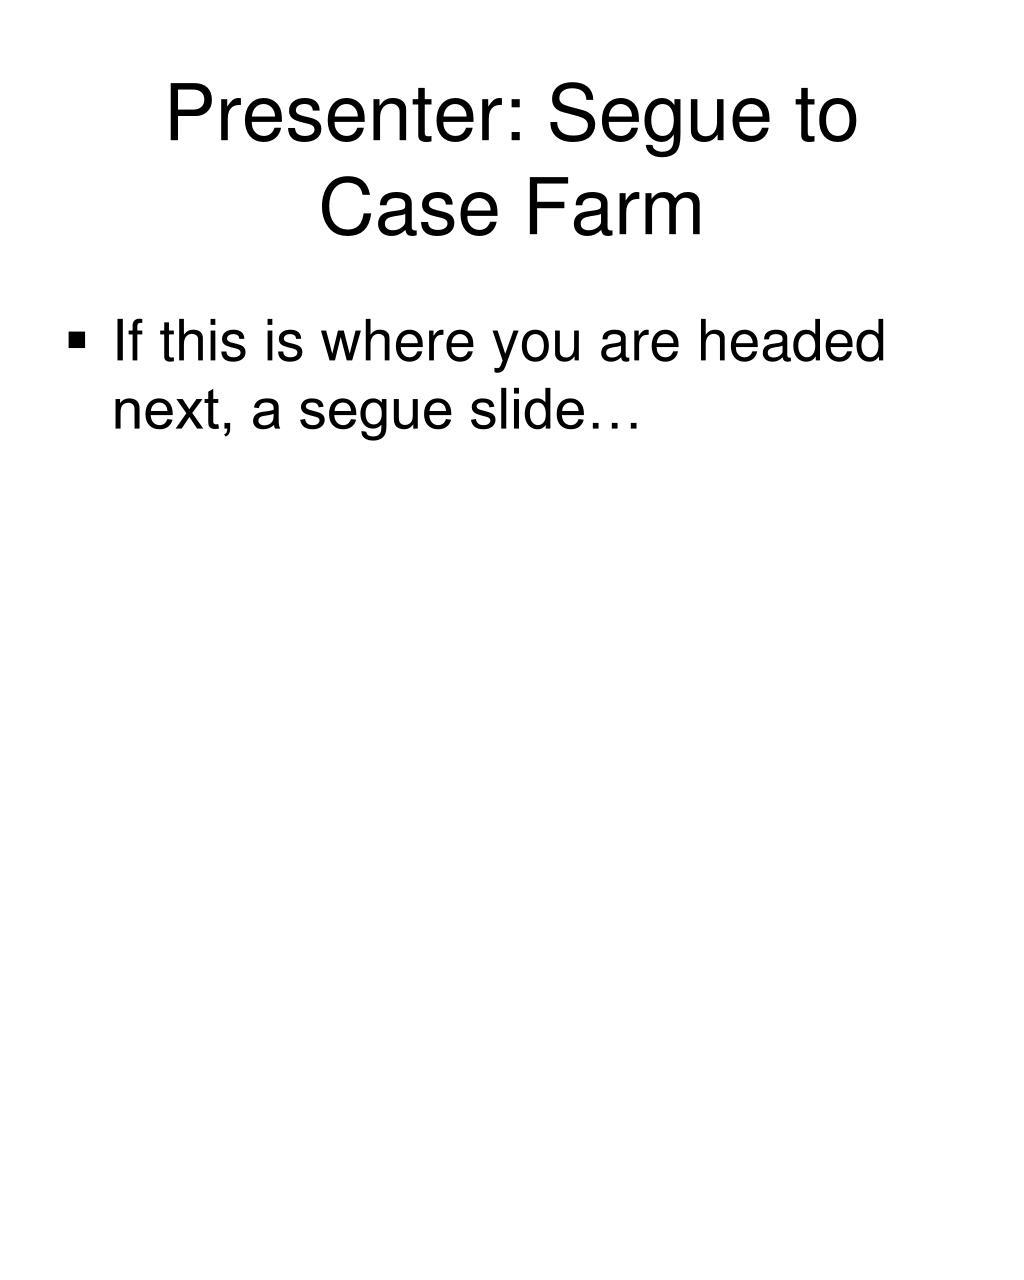 Presenter: Segue to Case Farm